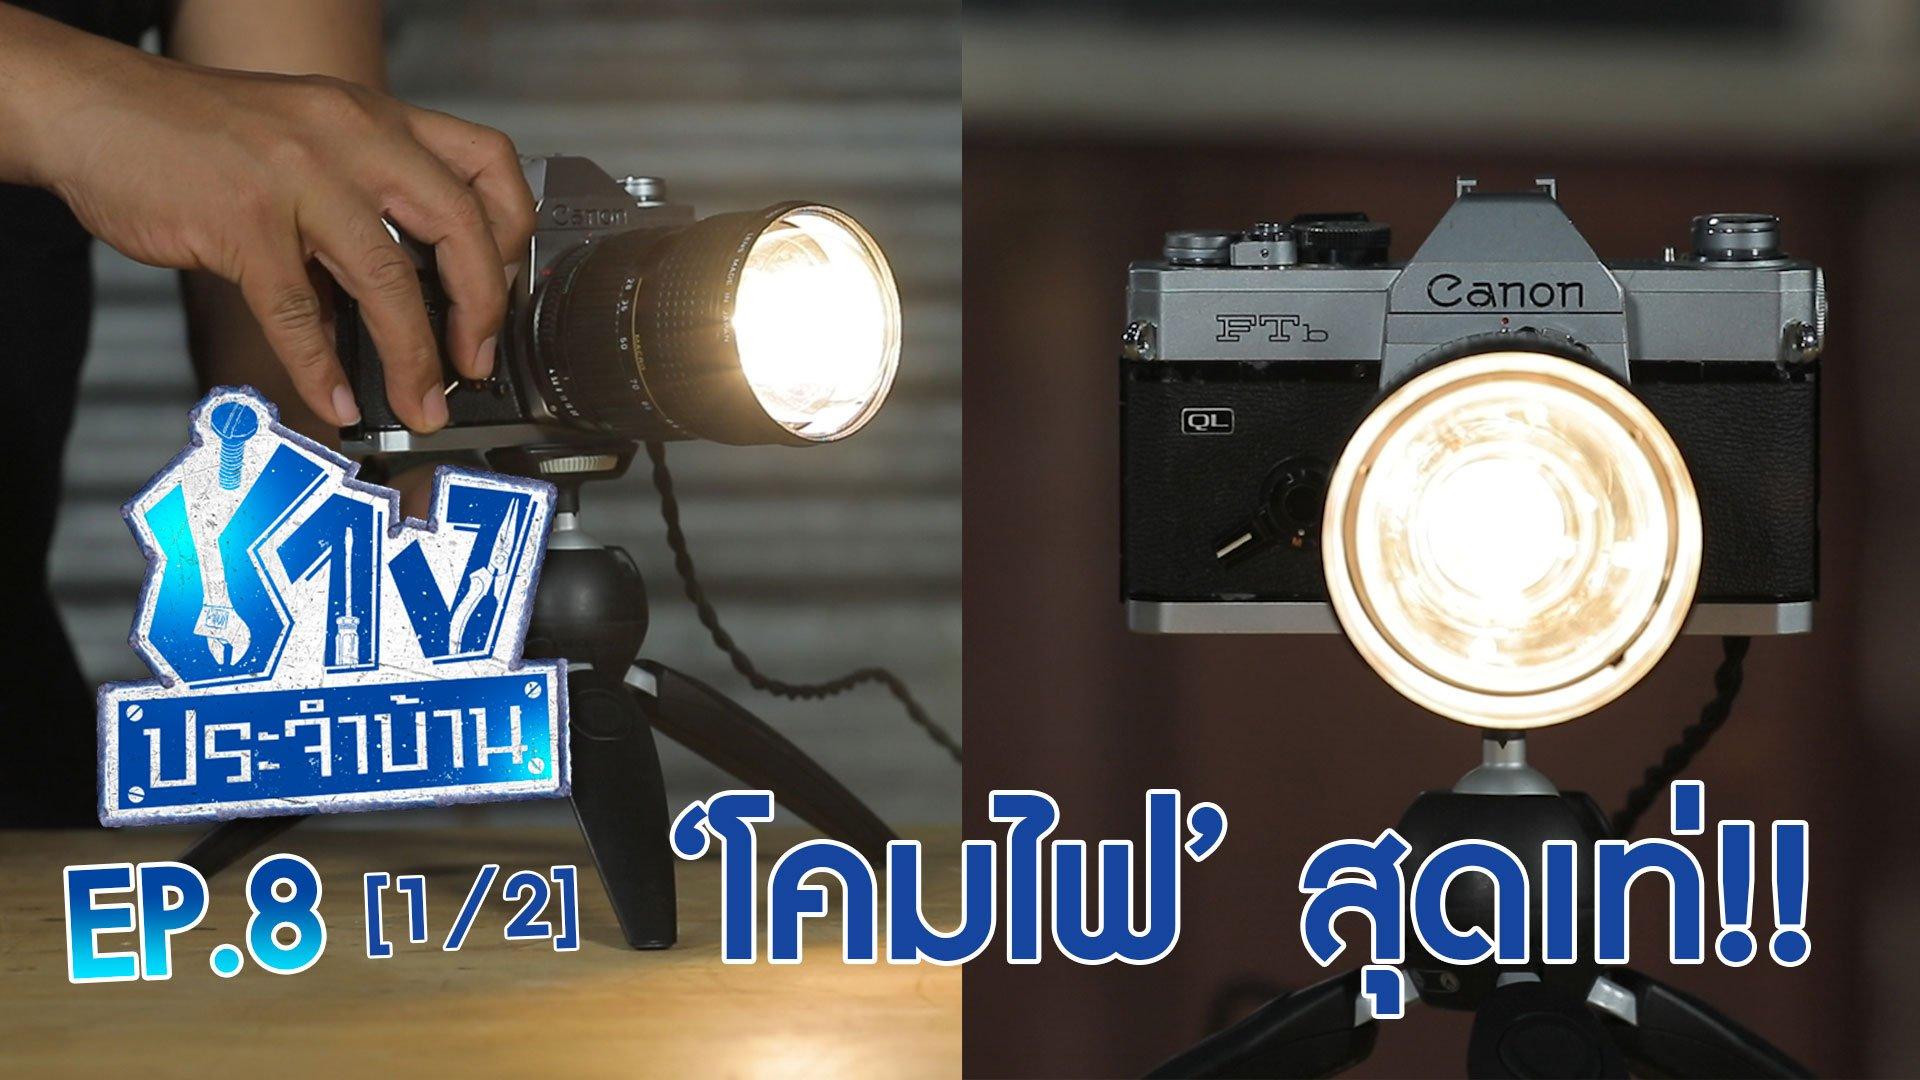 ช่างประจำบ้าน   EP.8 โคมไฟตั้งโต๊ะสุดเท่!! จากกล้องตัวเก่า (1/2)   21 มี.ค. 63   AMARIN TVHD34